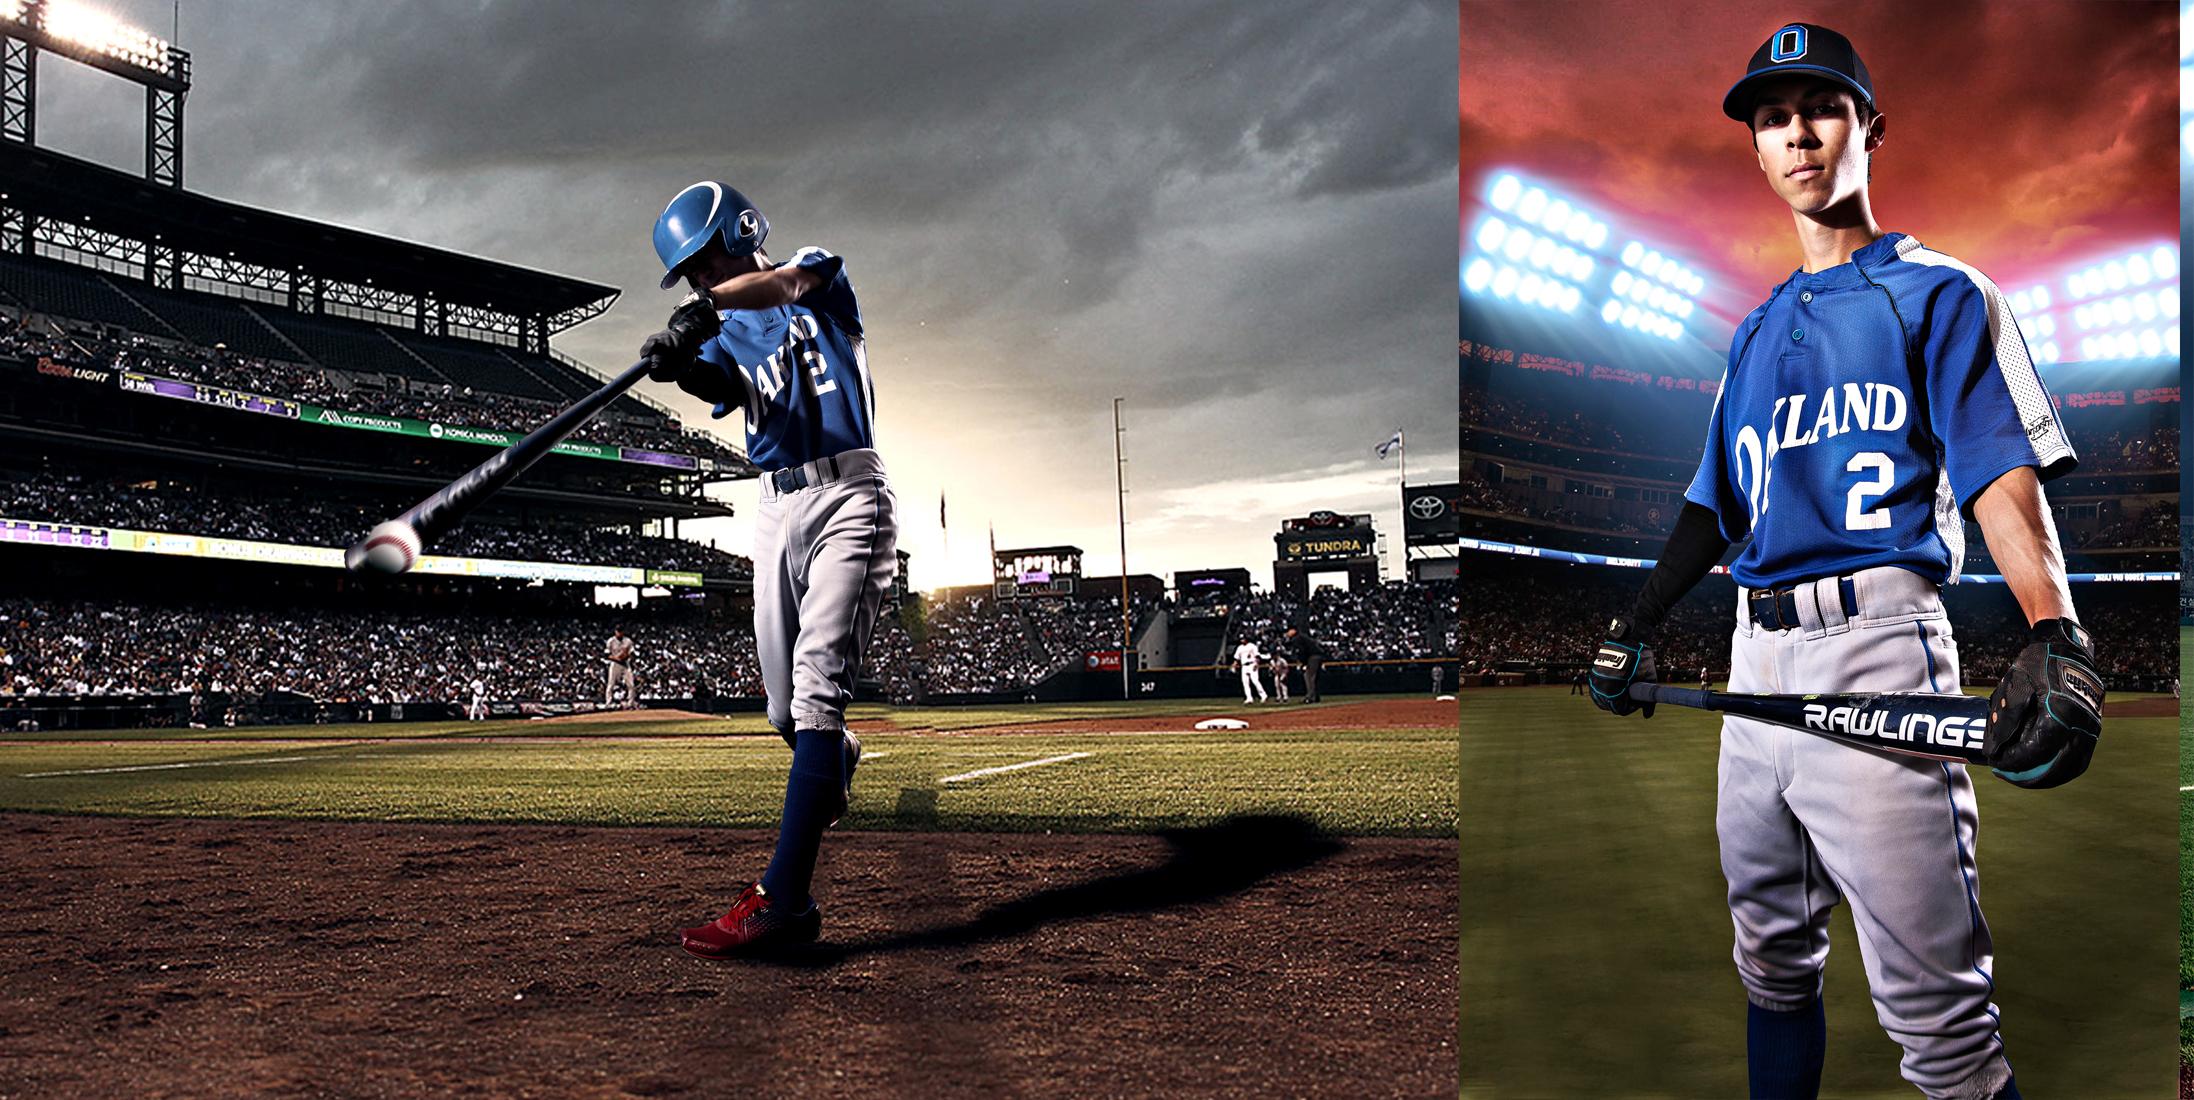 Baseball_2.jpg